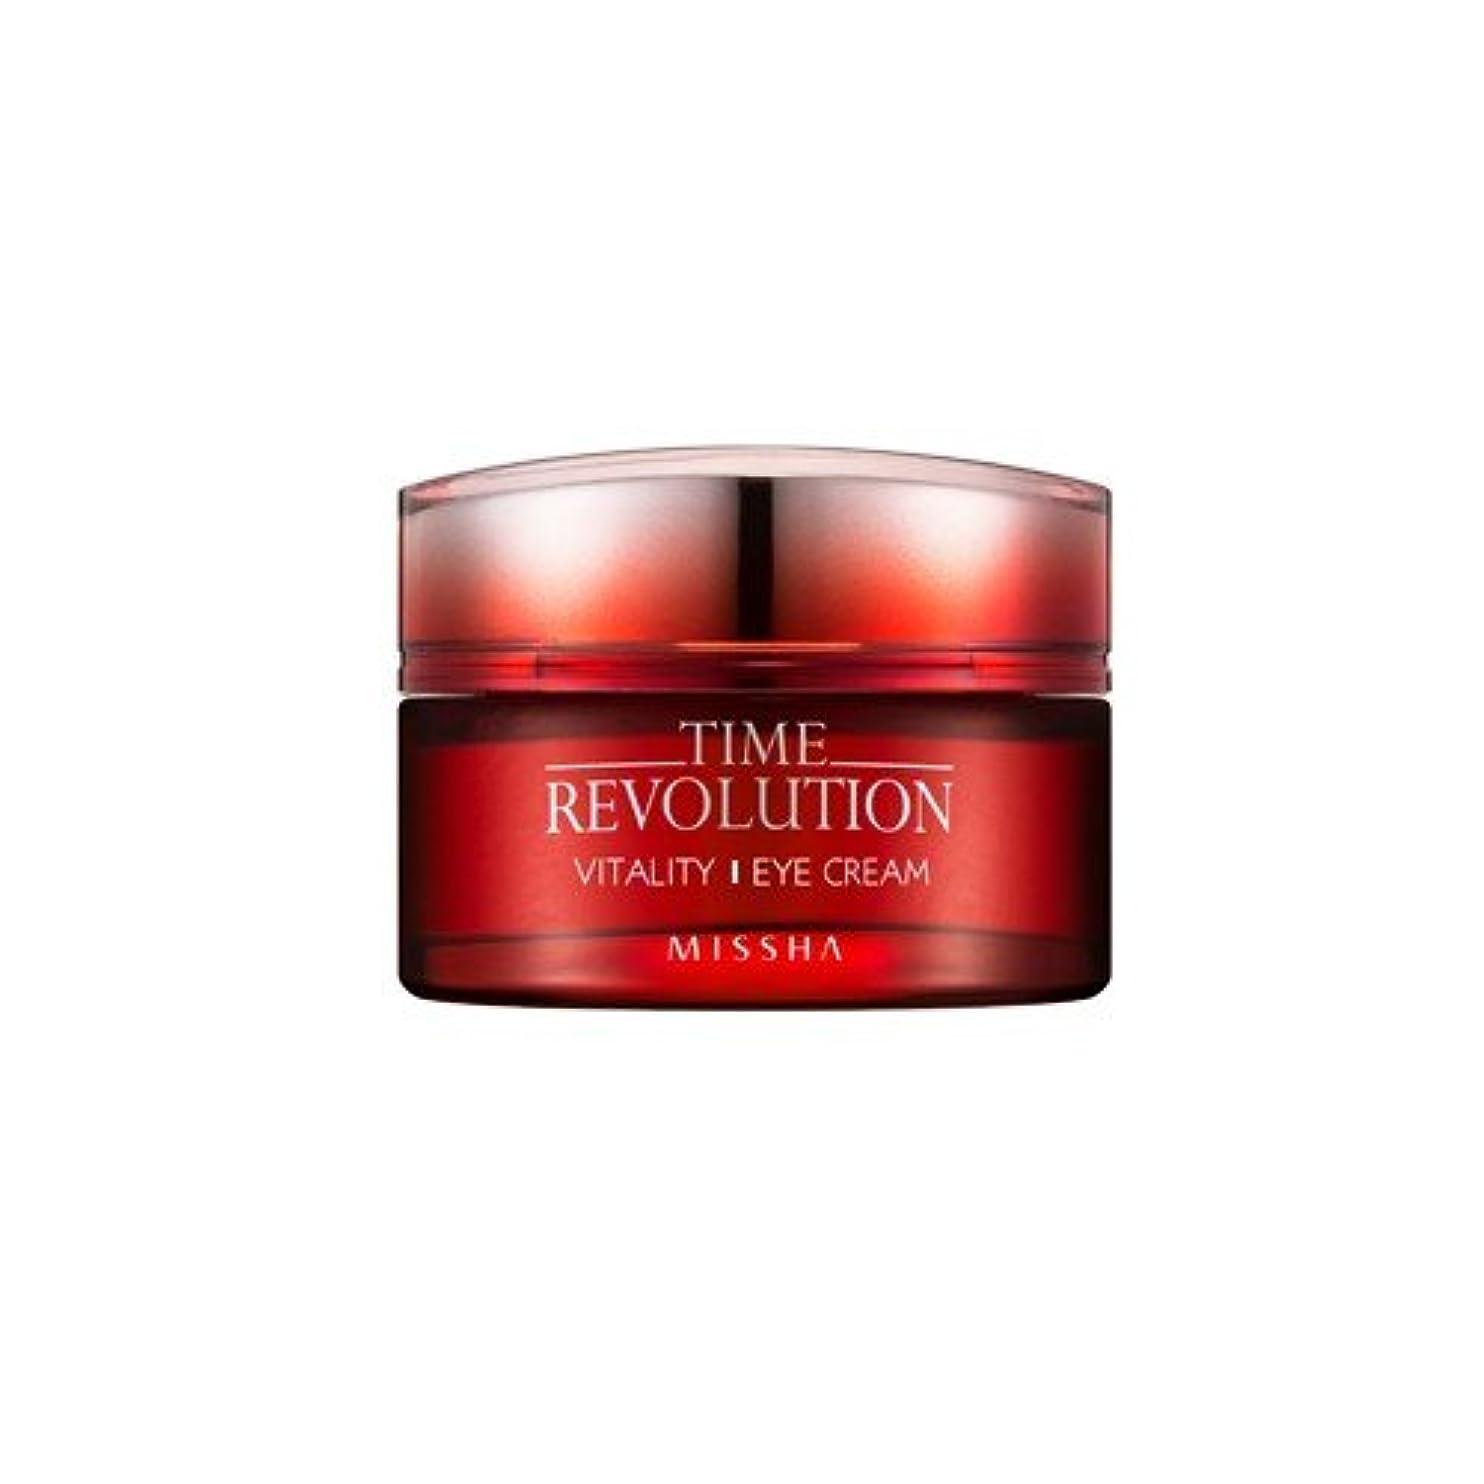 ドルベンチャー乱れMISSHA time revolution vitality eye cream (ミシャ タイムレボリューション バイタリティー アイクリーム)25ml